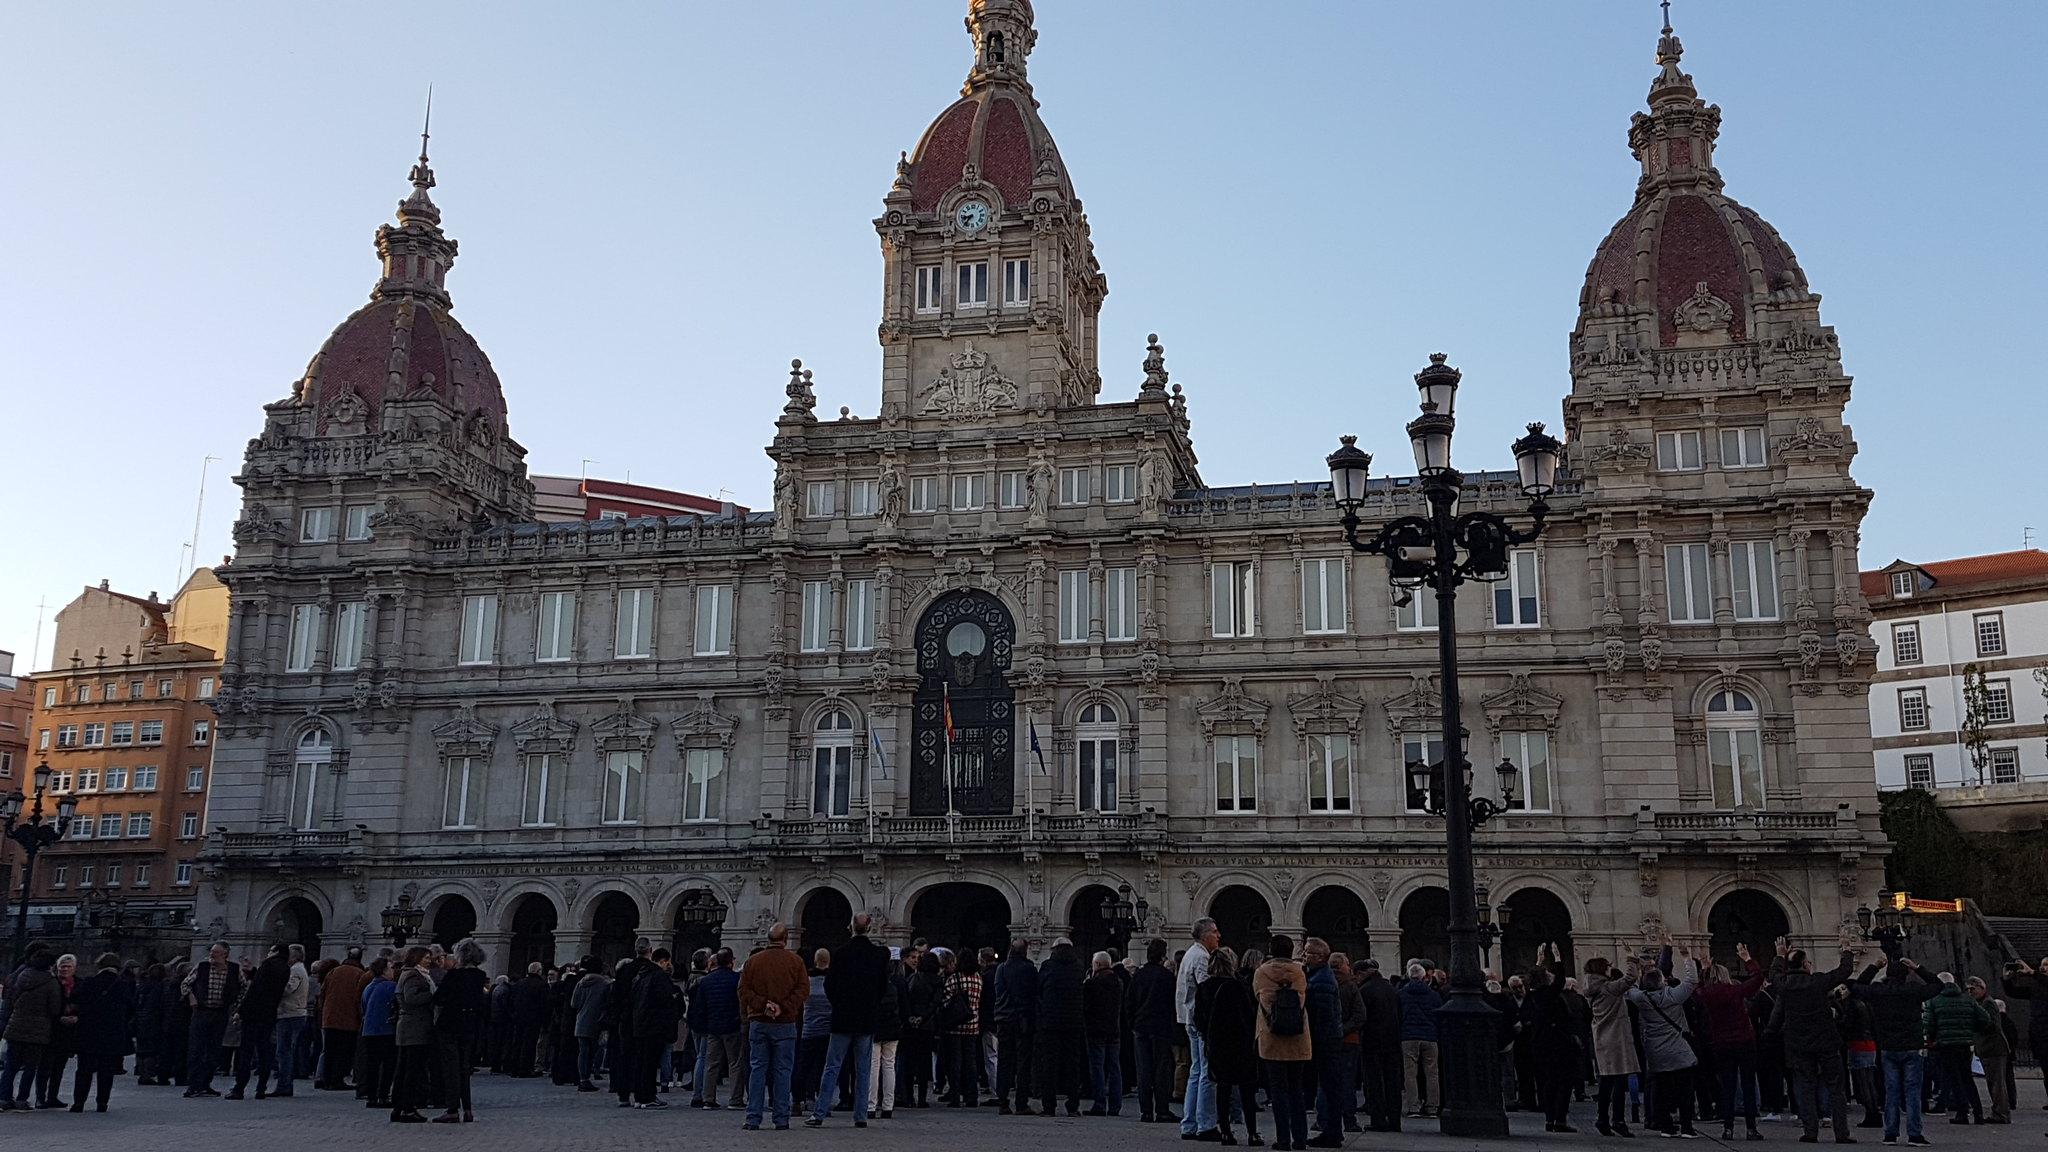 Destino la Plaza de María Pita, ante ella el Alcalde, que acompañó la marcha, le ofrece su apoyo